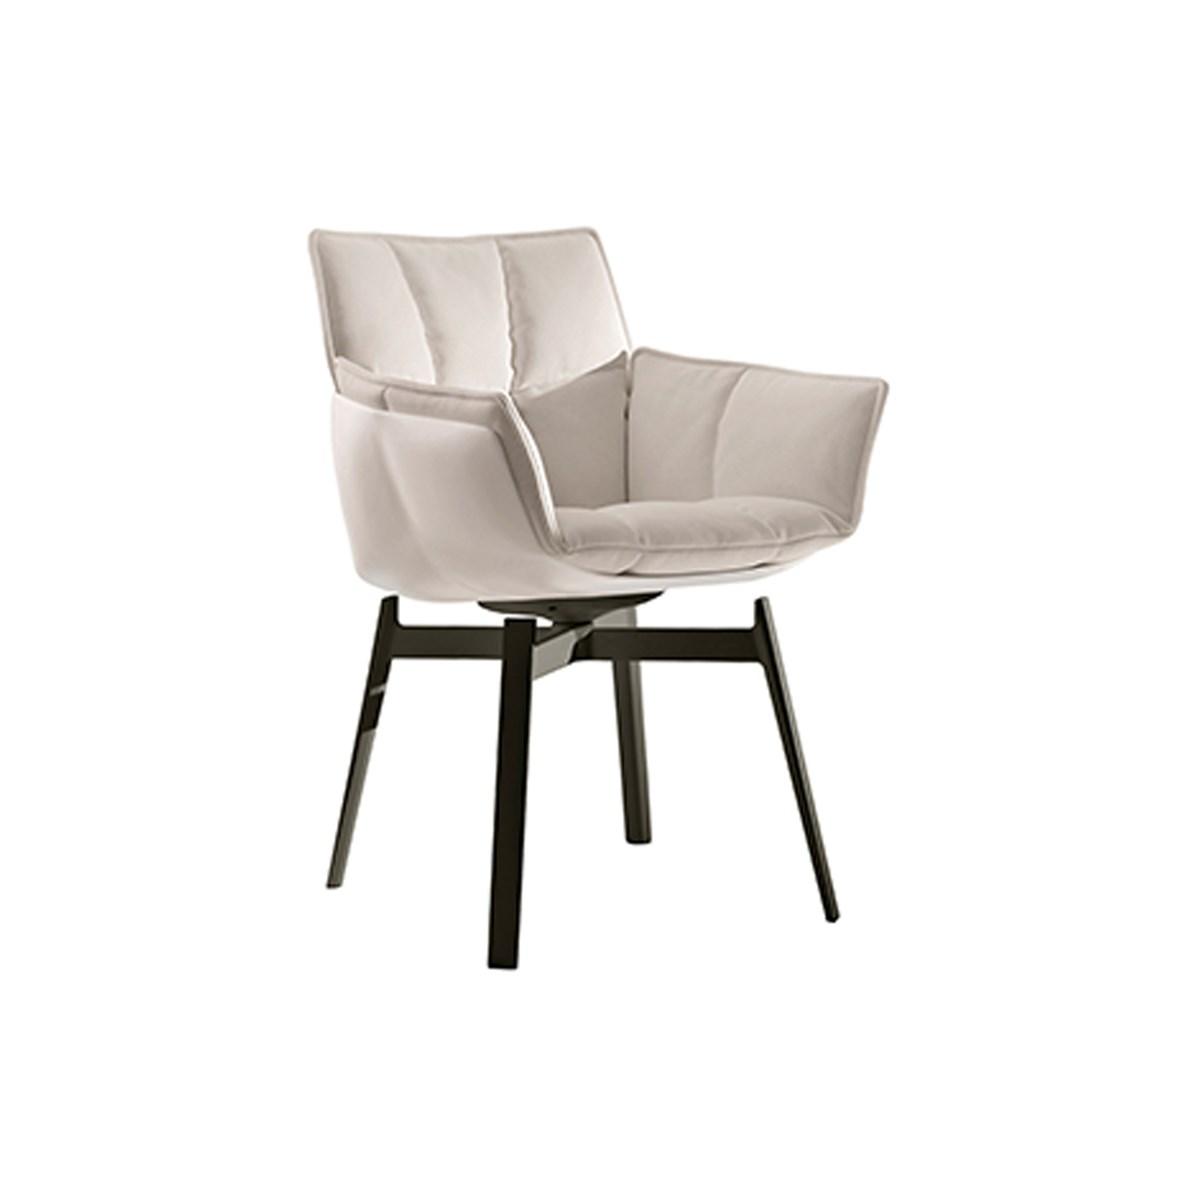 B&B-Italia-Patricia-Urquiola-Husk-Chair-Matisse-1